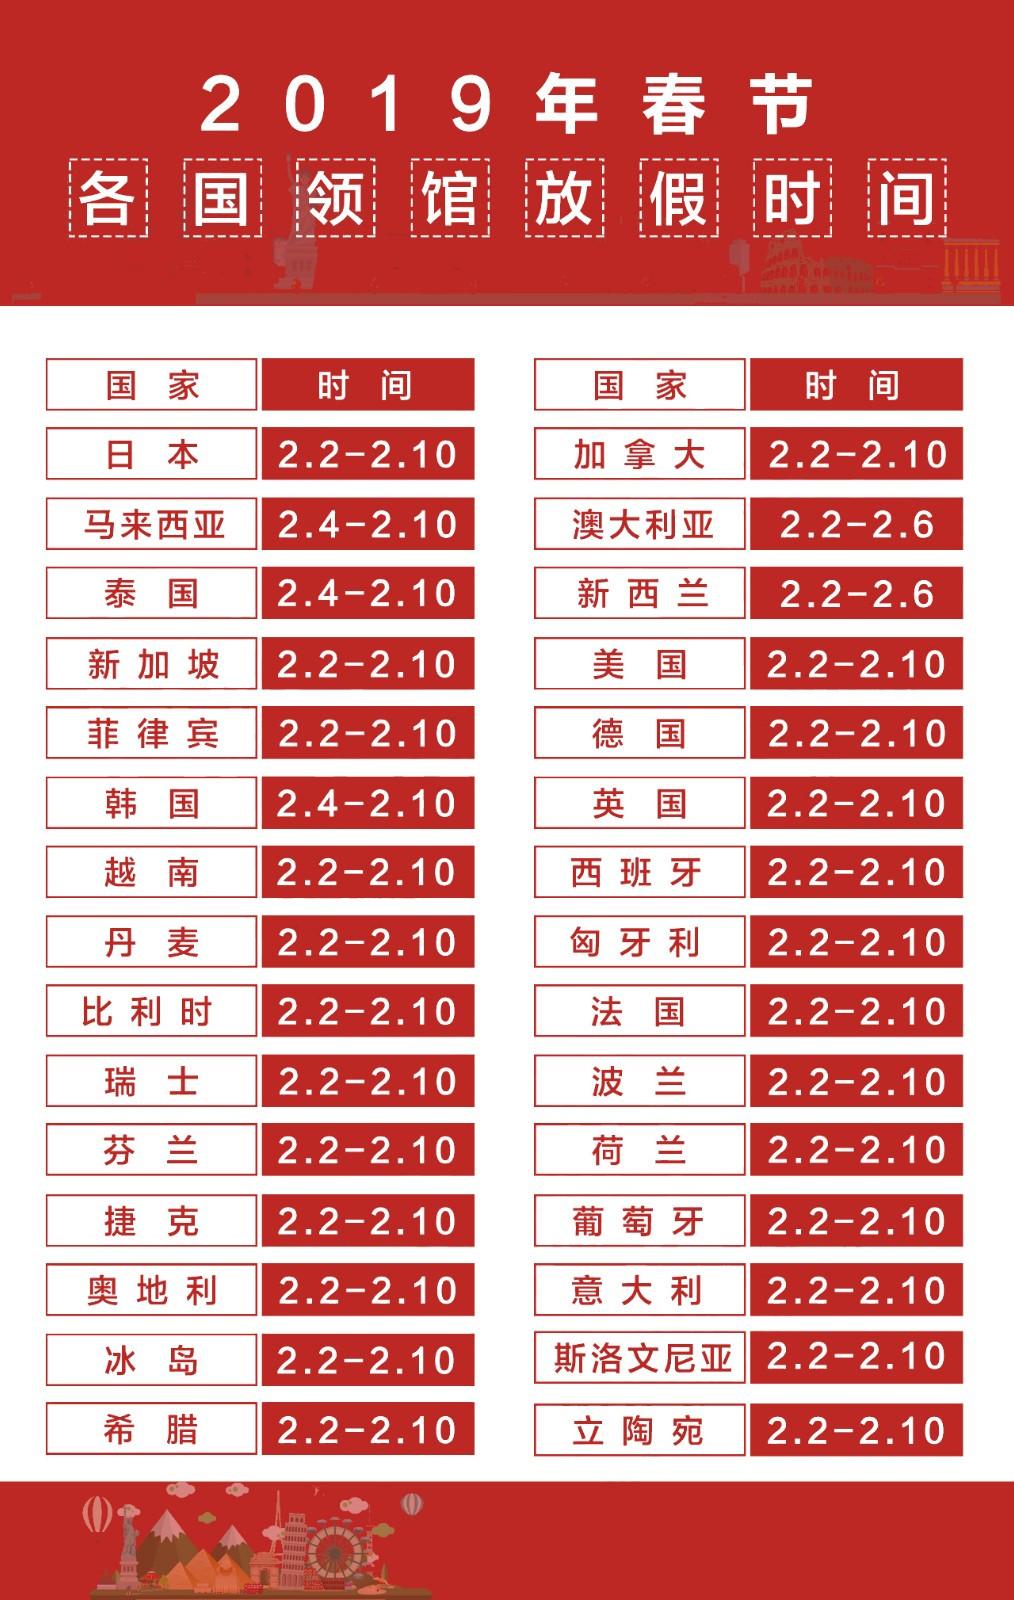 2019春节出国旅游签证排行榜